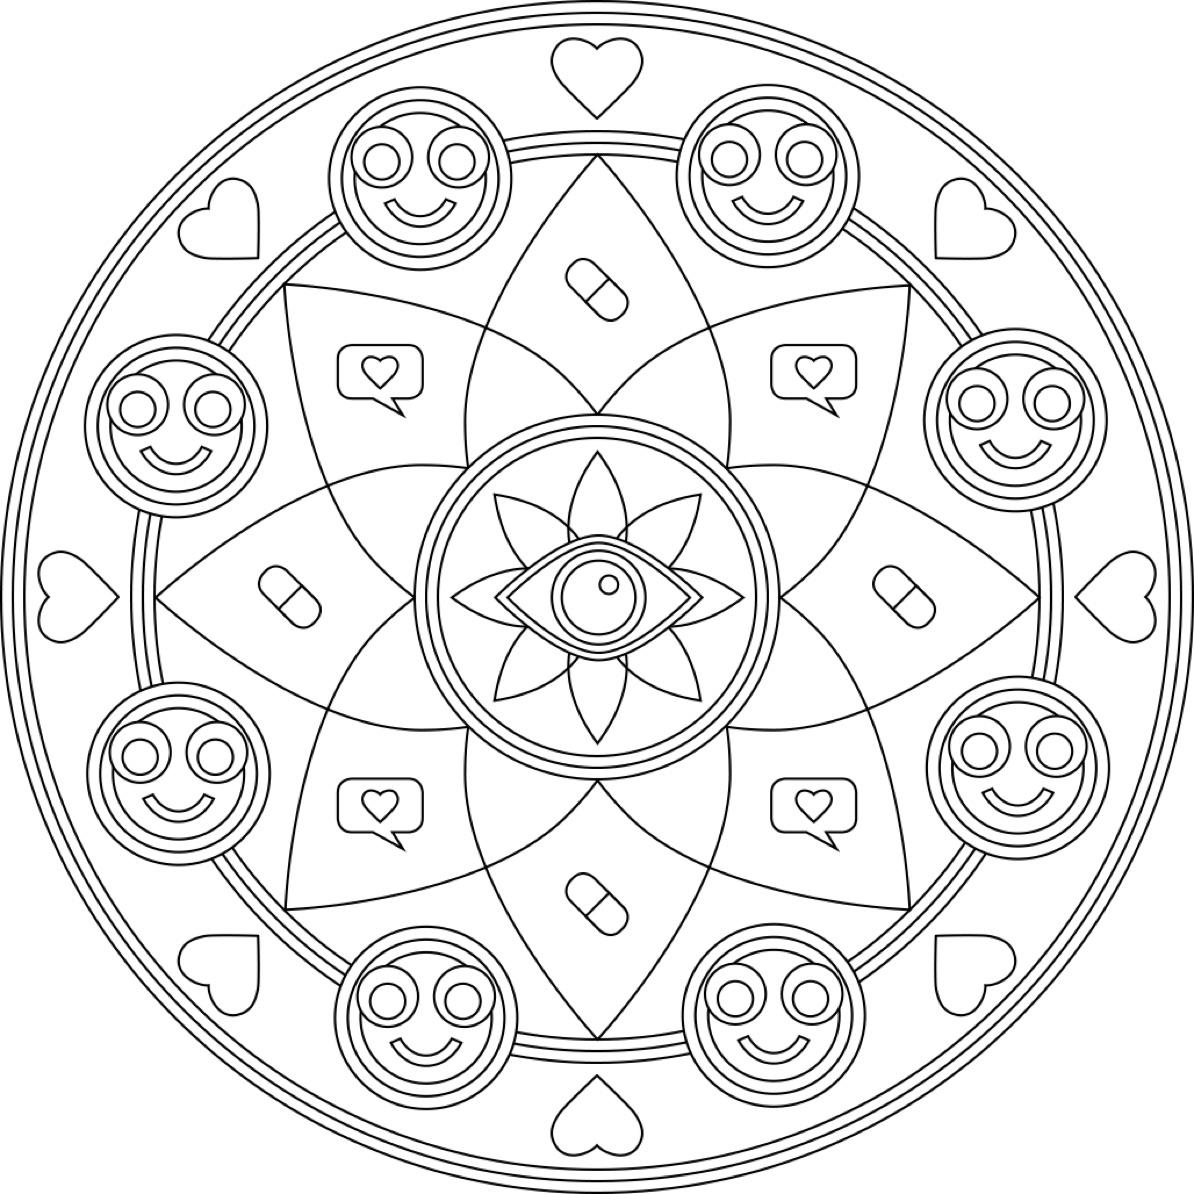 Mit Mandalas Kraft und Energie tanken - DAK-Gesundheit